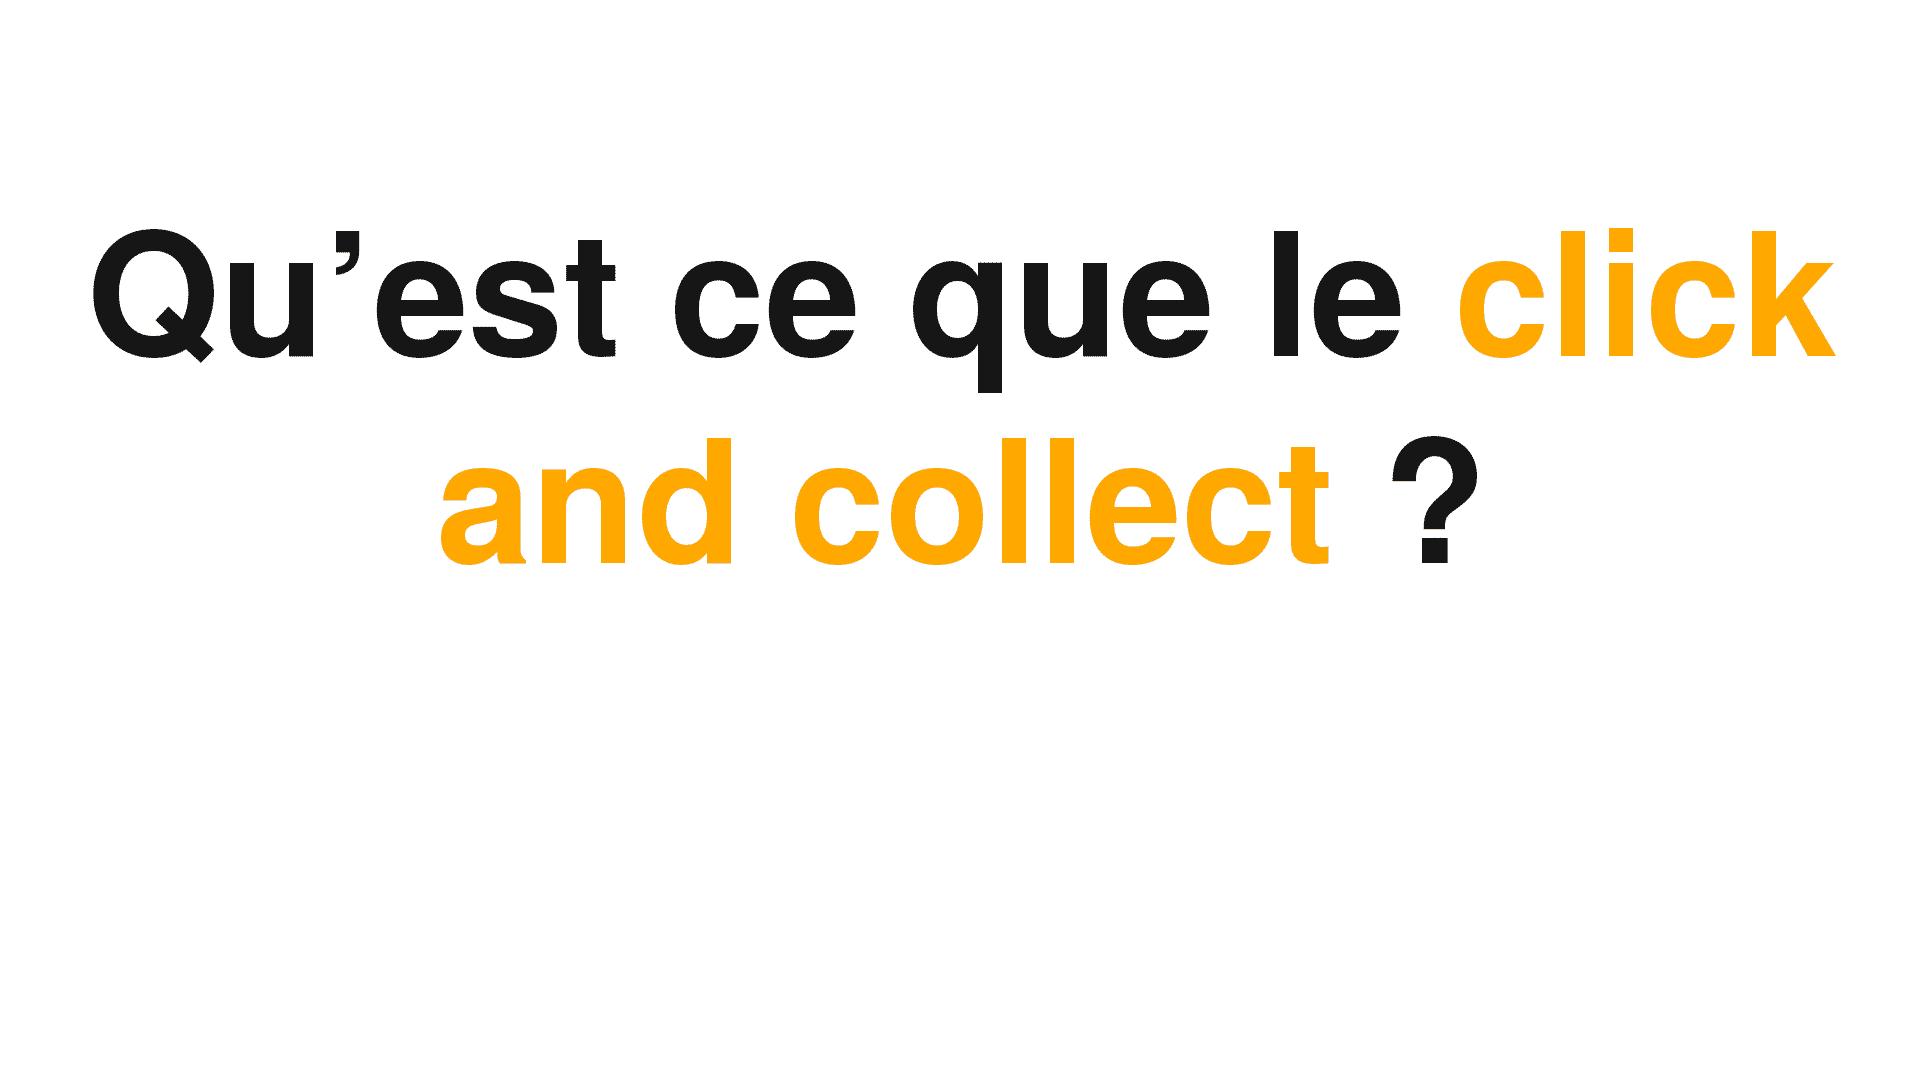 Une police d'écriture en noire et jaune pose la question de la définition du clic and collect sur fond blanc.